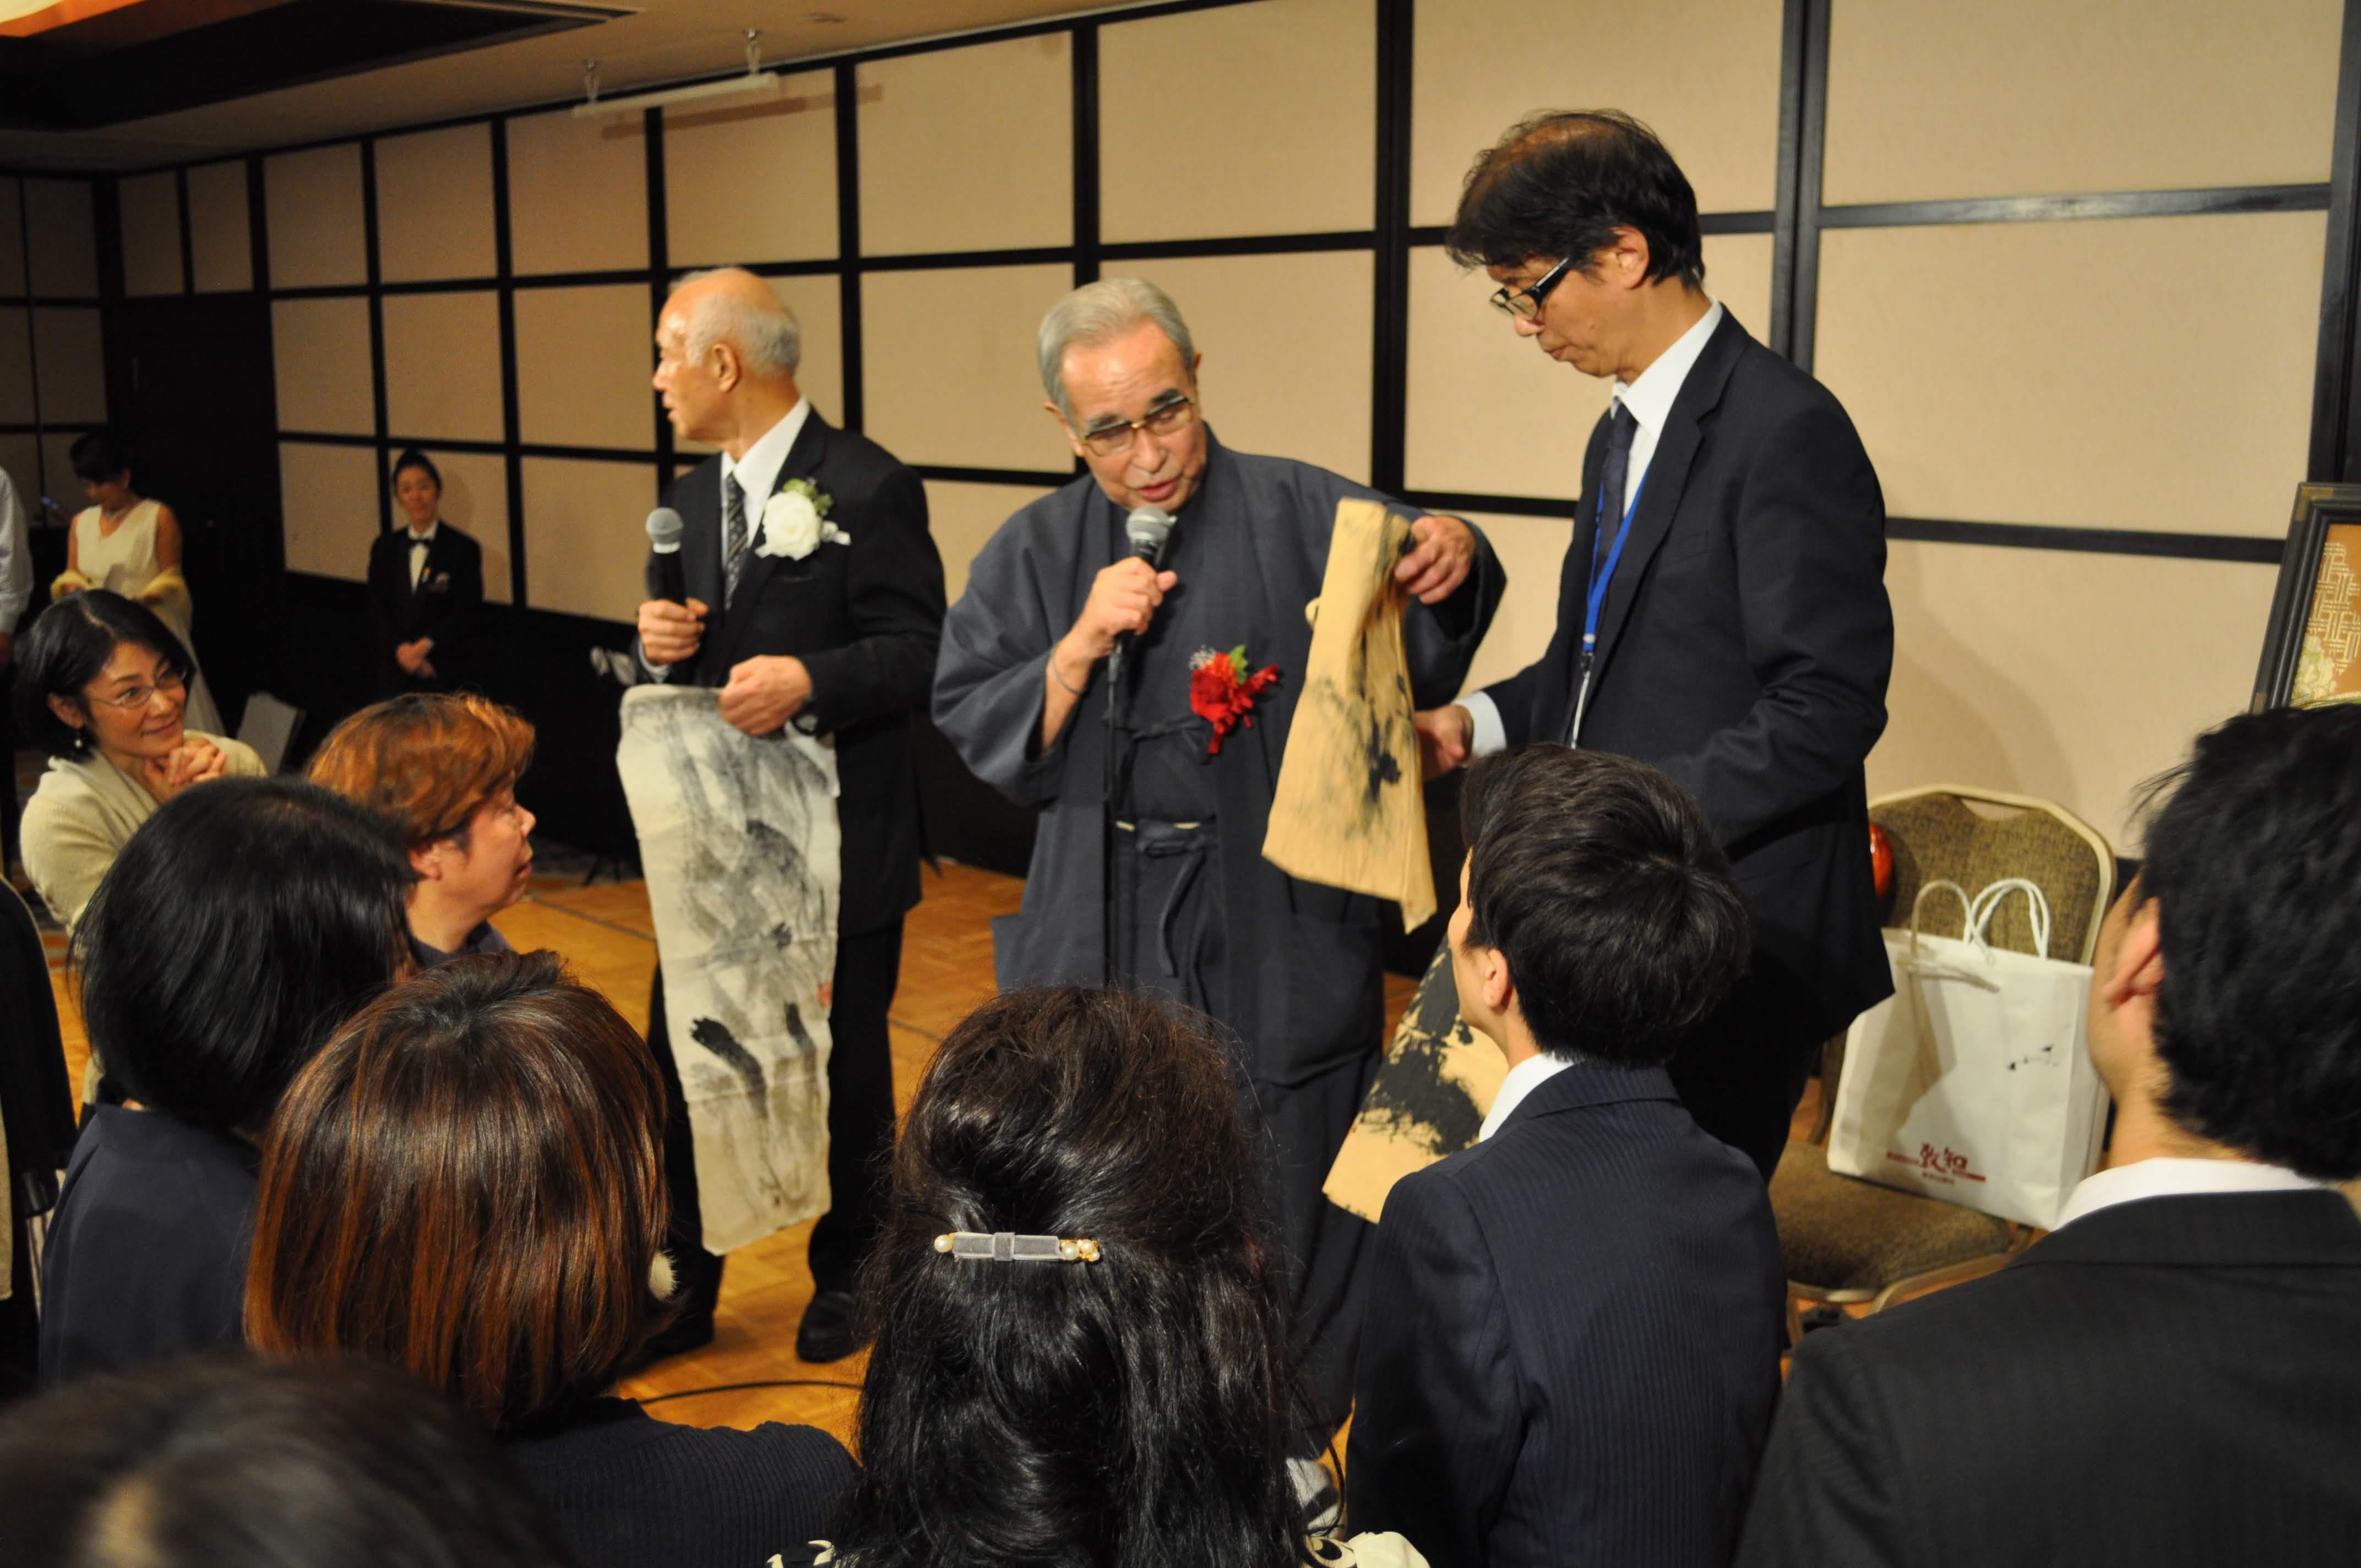 DSC 0593 1 - 思風会全国大会in広島